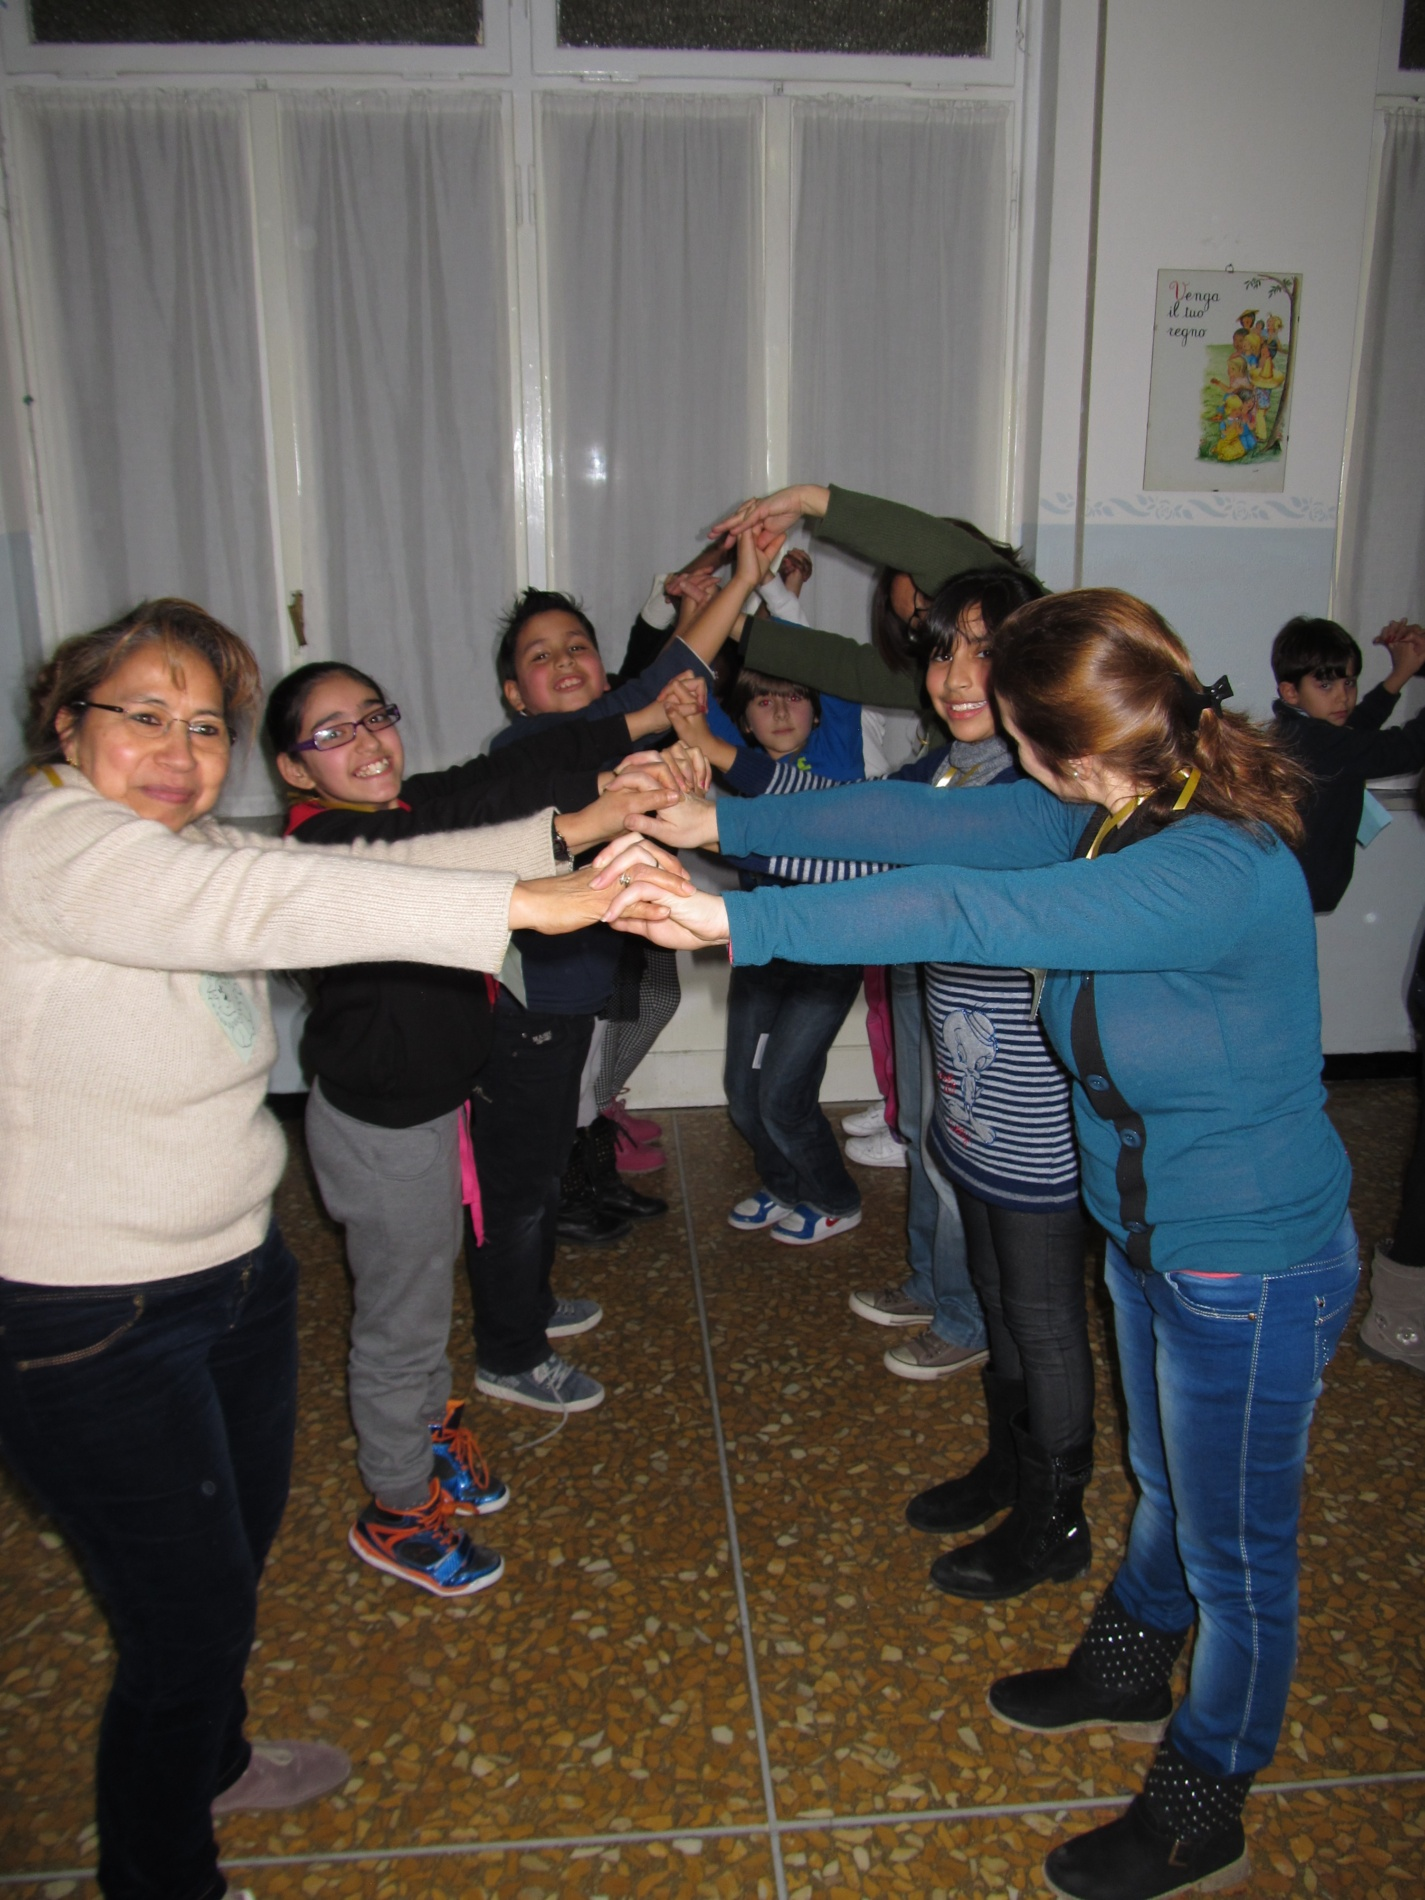 cena-famiglie-comunione-2015-02-07-21-23-42